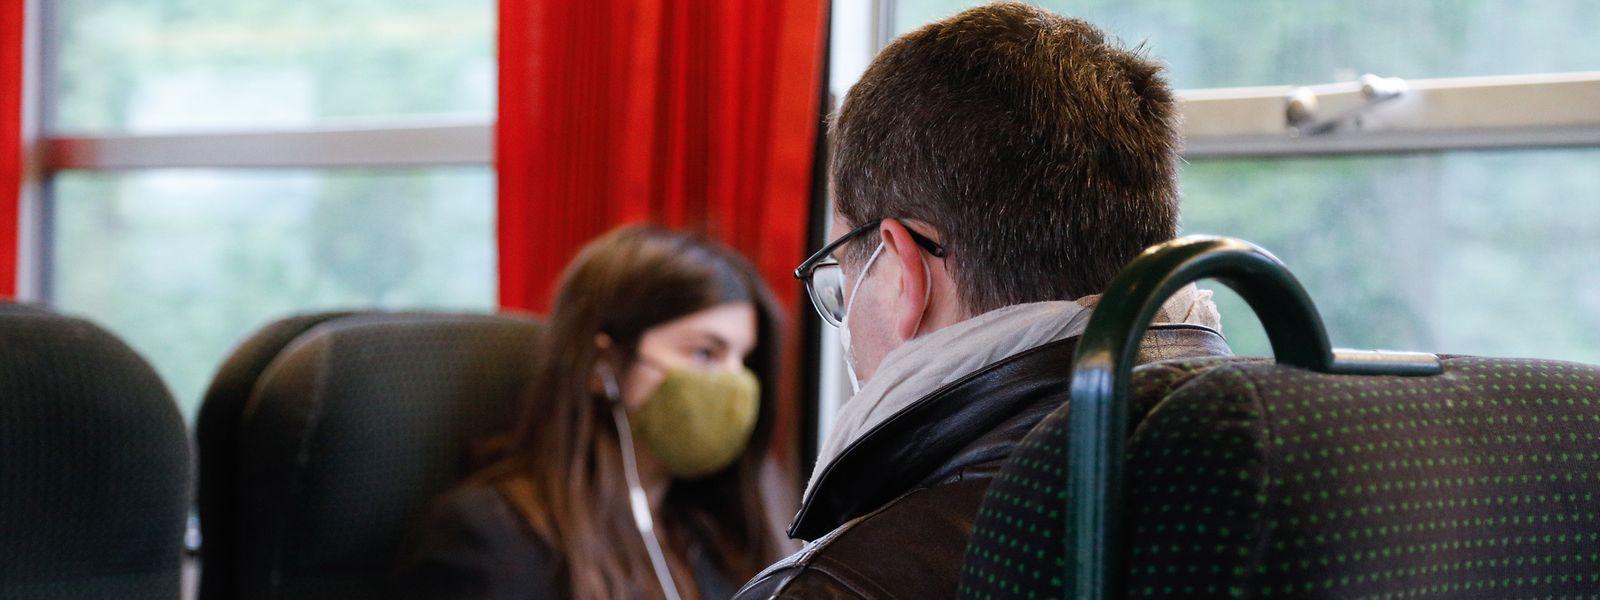 Ein Stück Alltag: Die Zeitungslektüre während der Zugfahrt. Jetzt mit Maske.